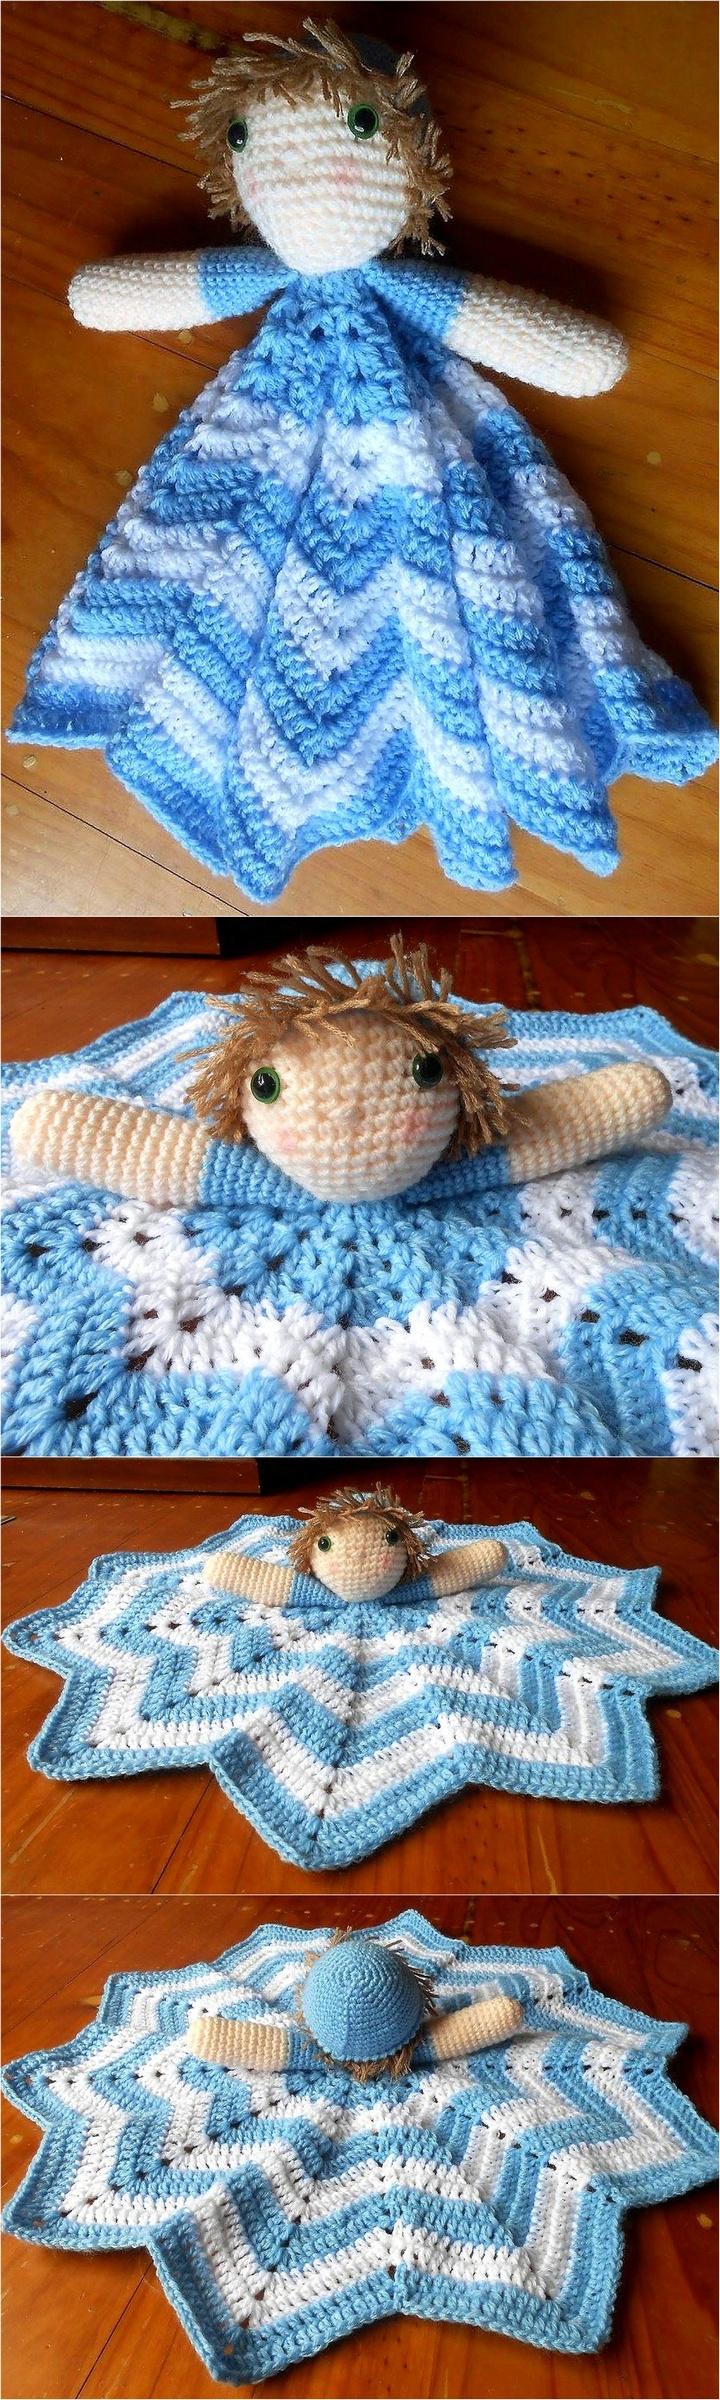 crochet-doll-6